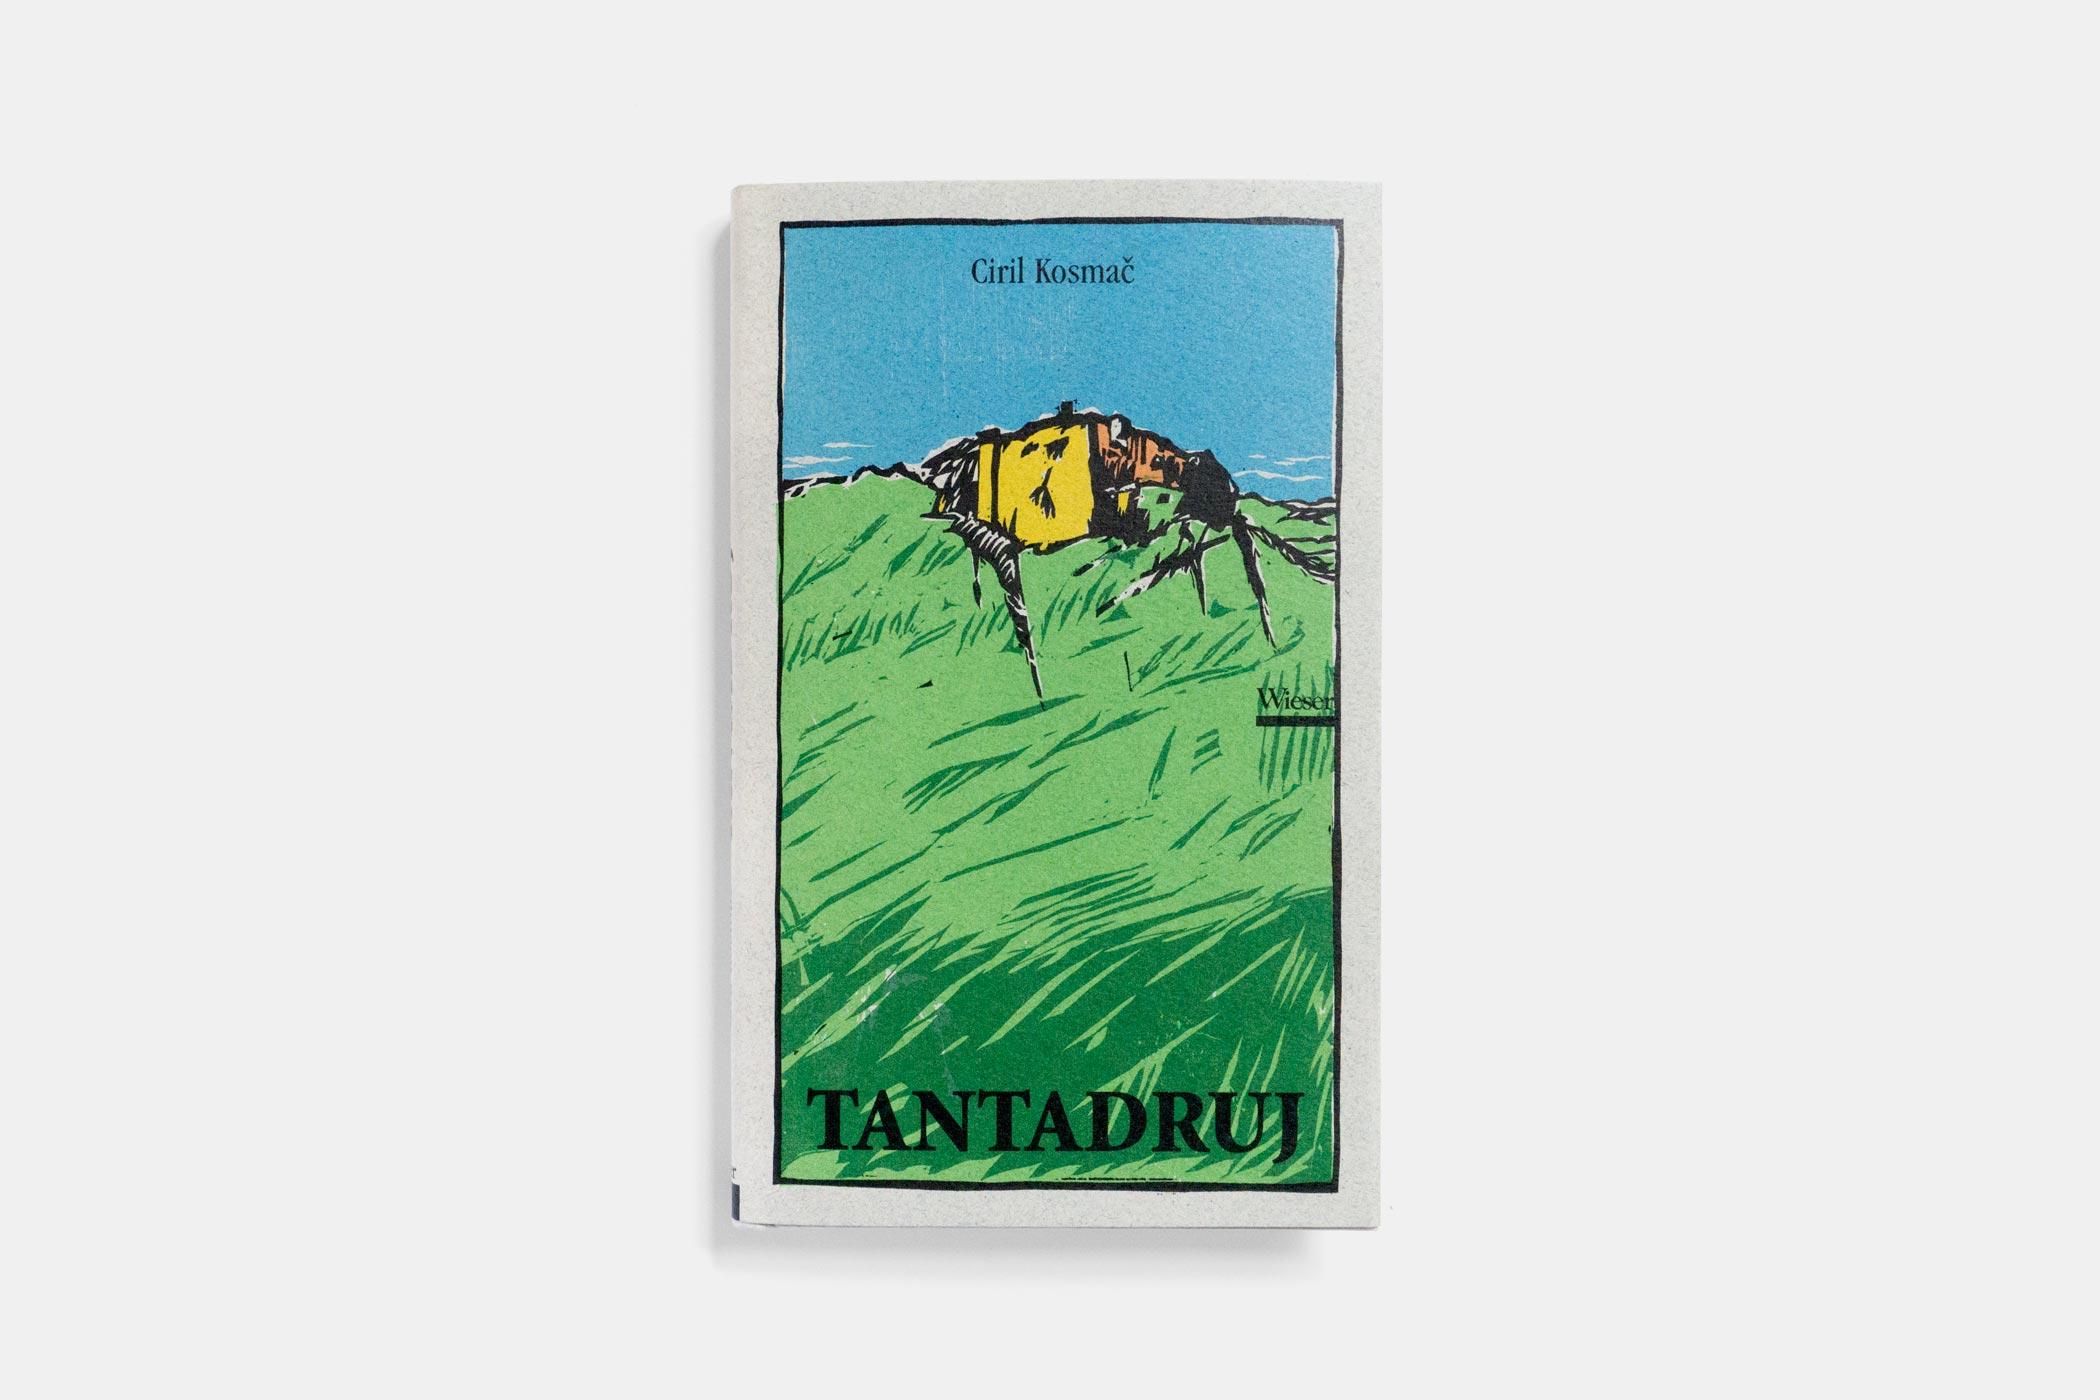 """Das Buch """"Tantadruj"""" von Ciril Kosmač erschienen im Verlag Wieser mit einem zweifarbigen Holzschnitt von Christian Thanhäuser am Umschlag"""